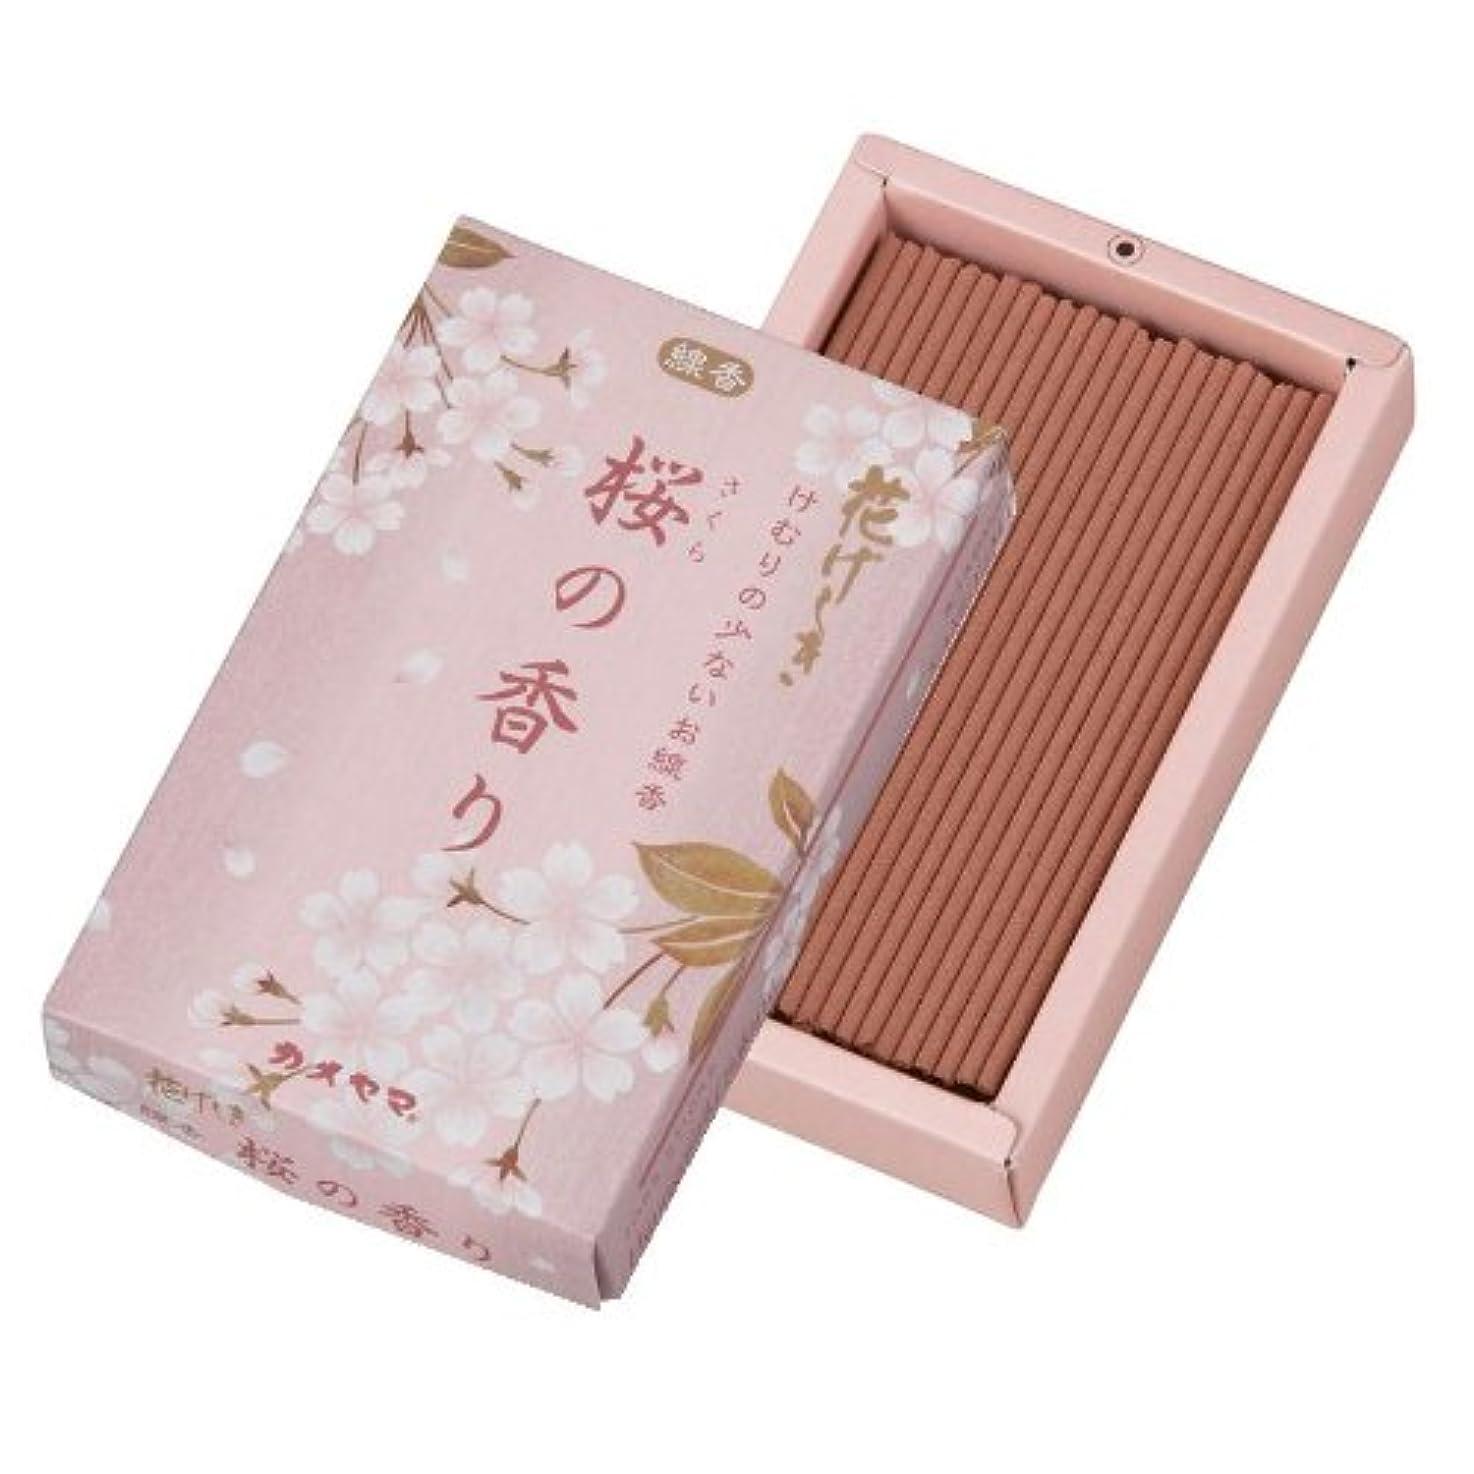 ホーススチール株式会社花げしき 桜の香りミニ寸 50g